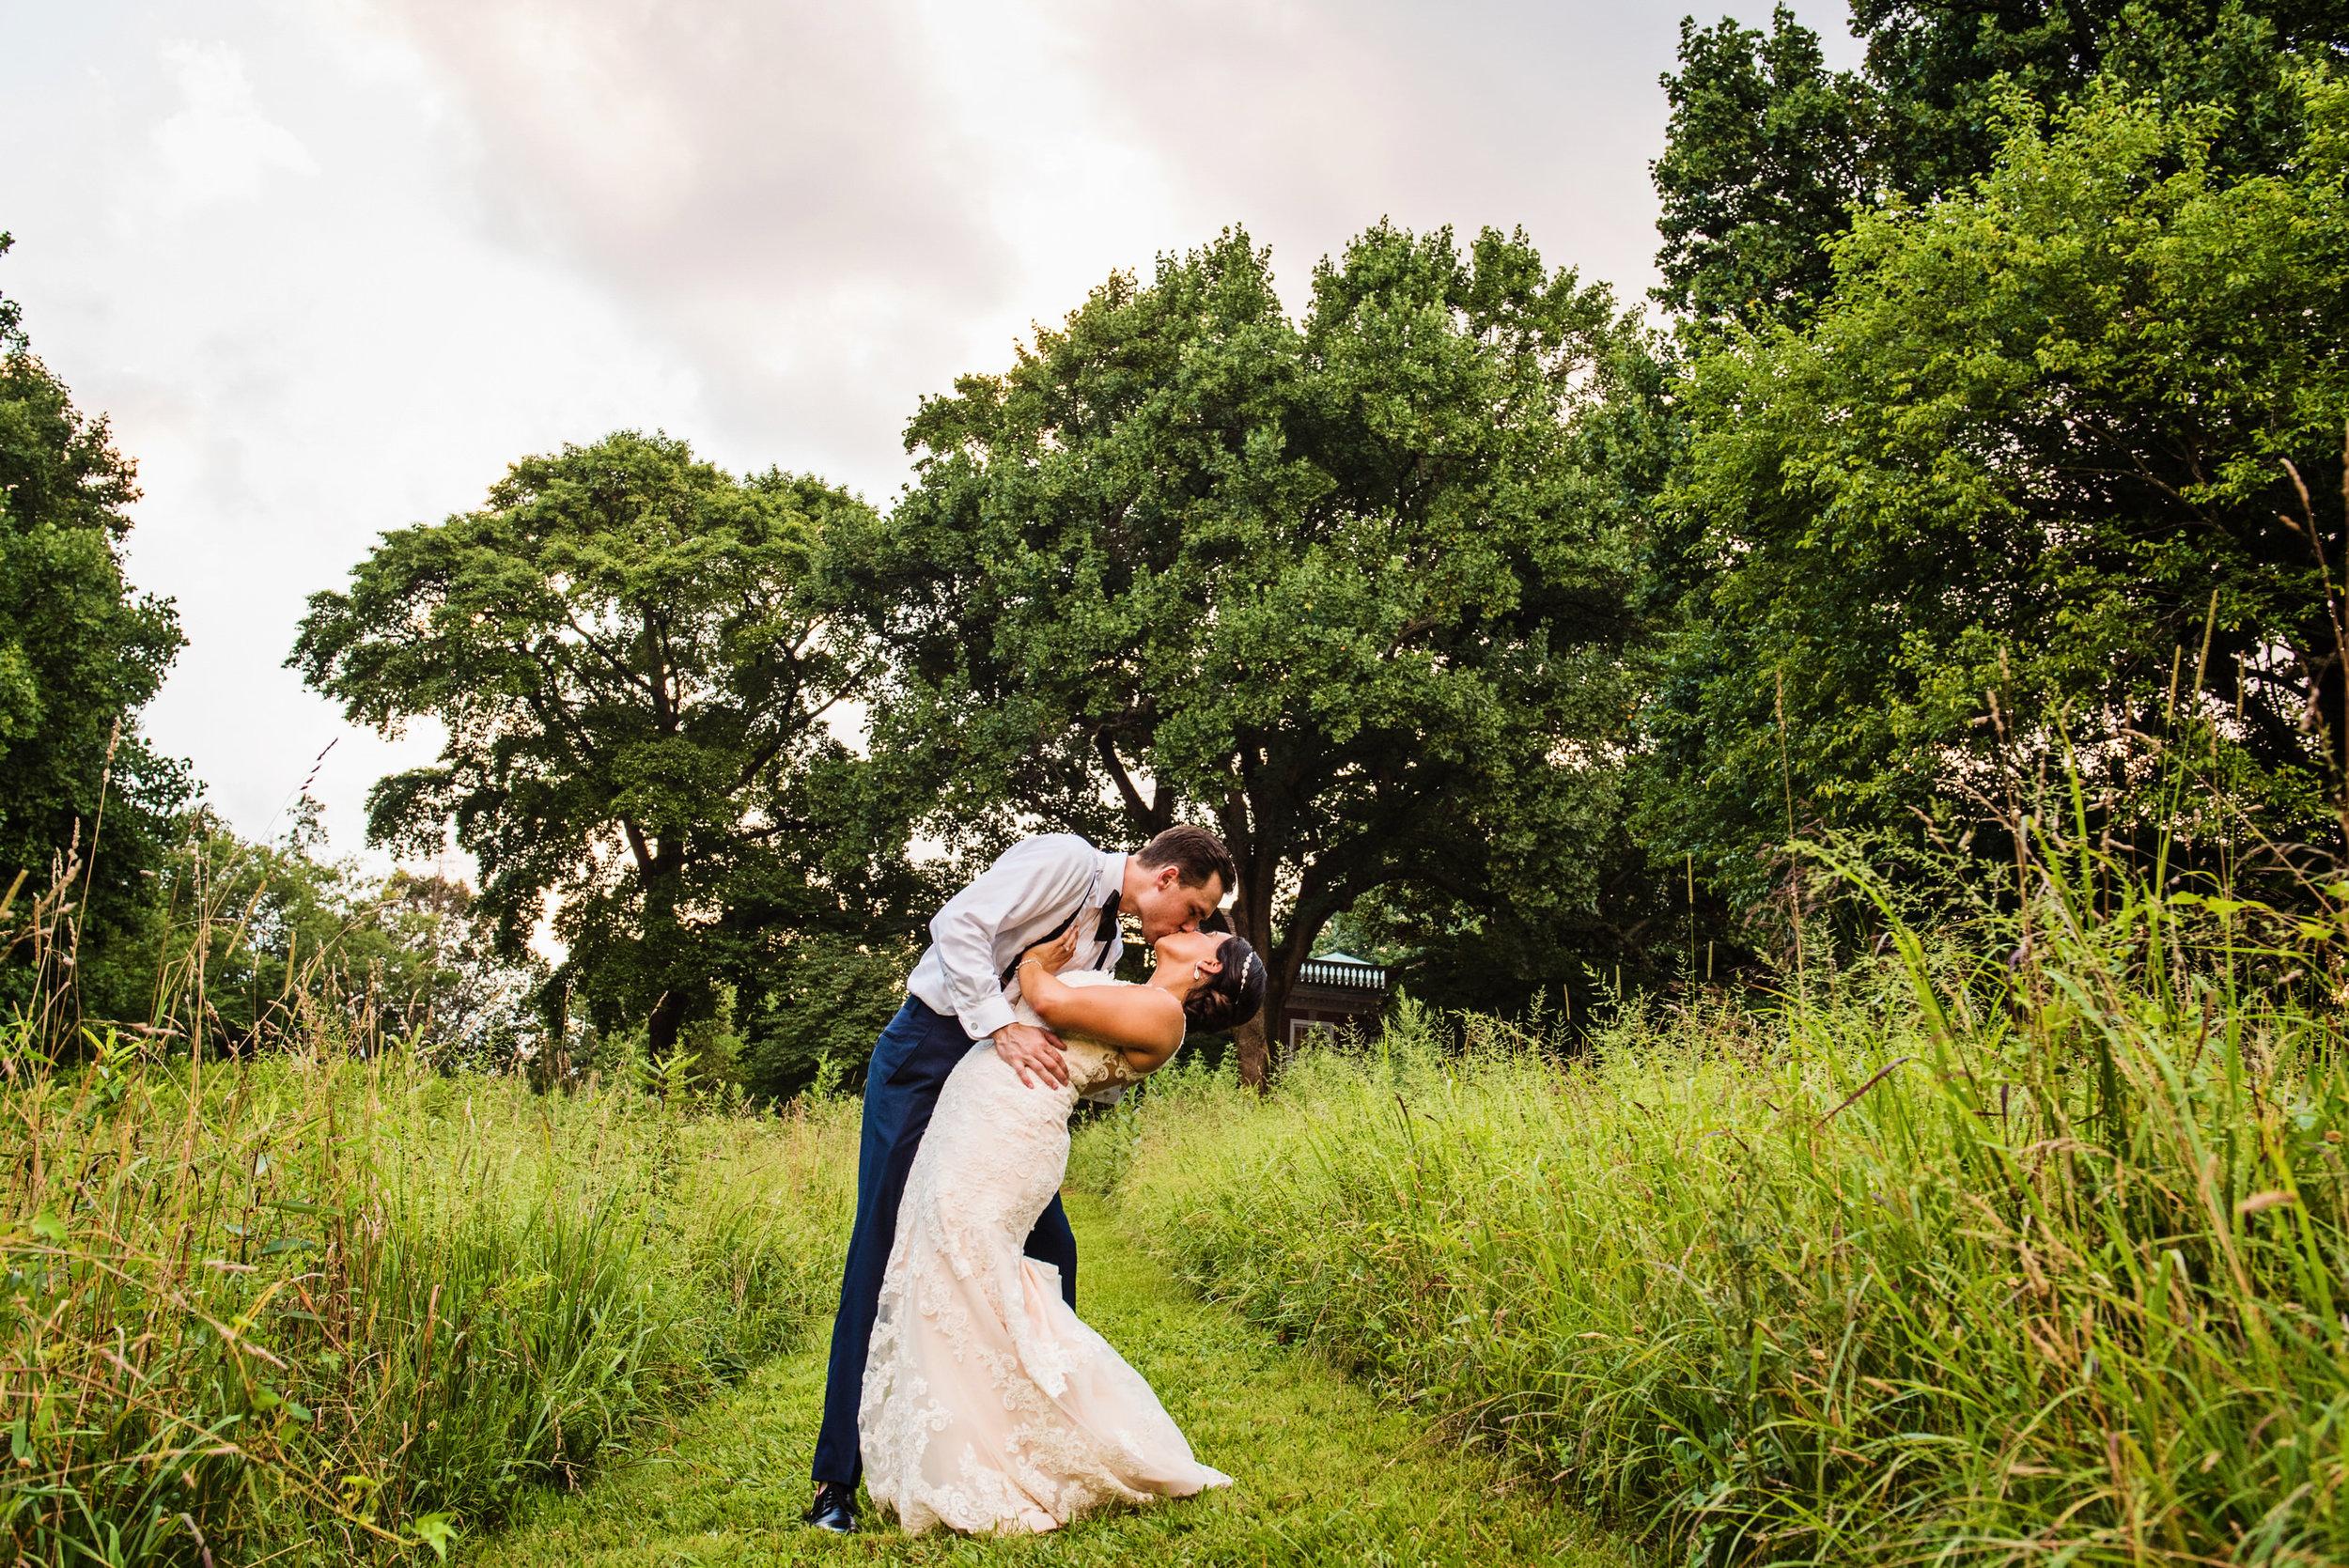 WoodendSantuaryWedding-Ashley&Dennis-1027.JPG